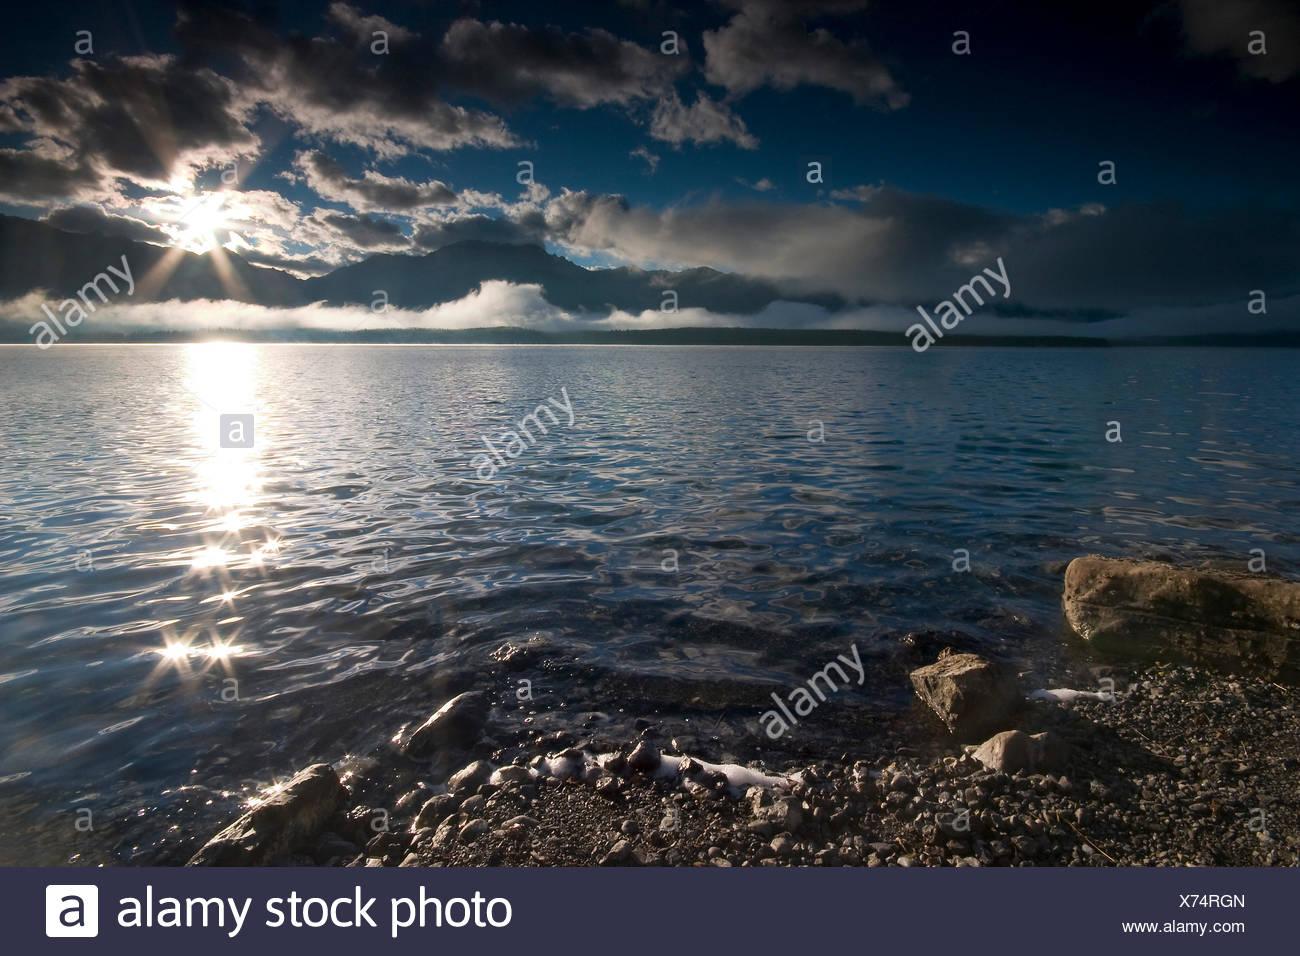 fresh water lake inland water - Stock Image